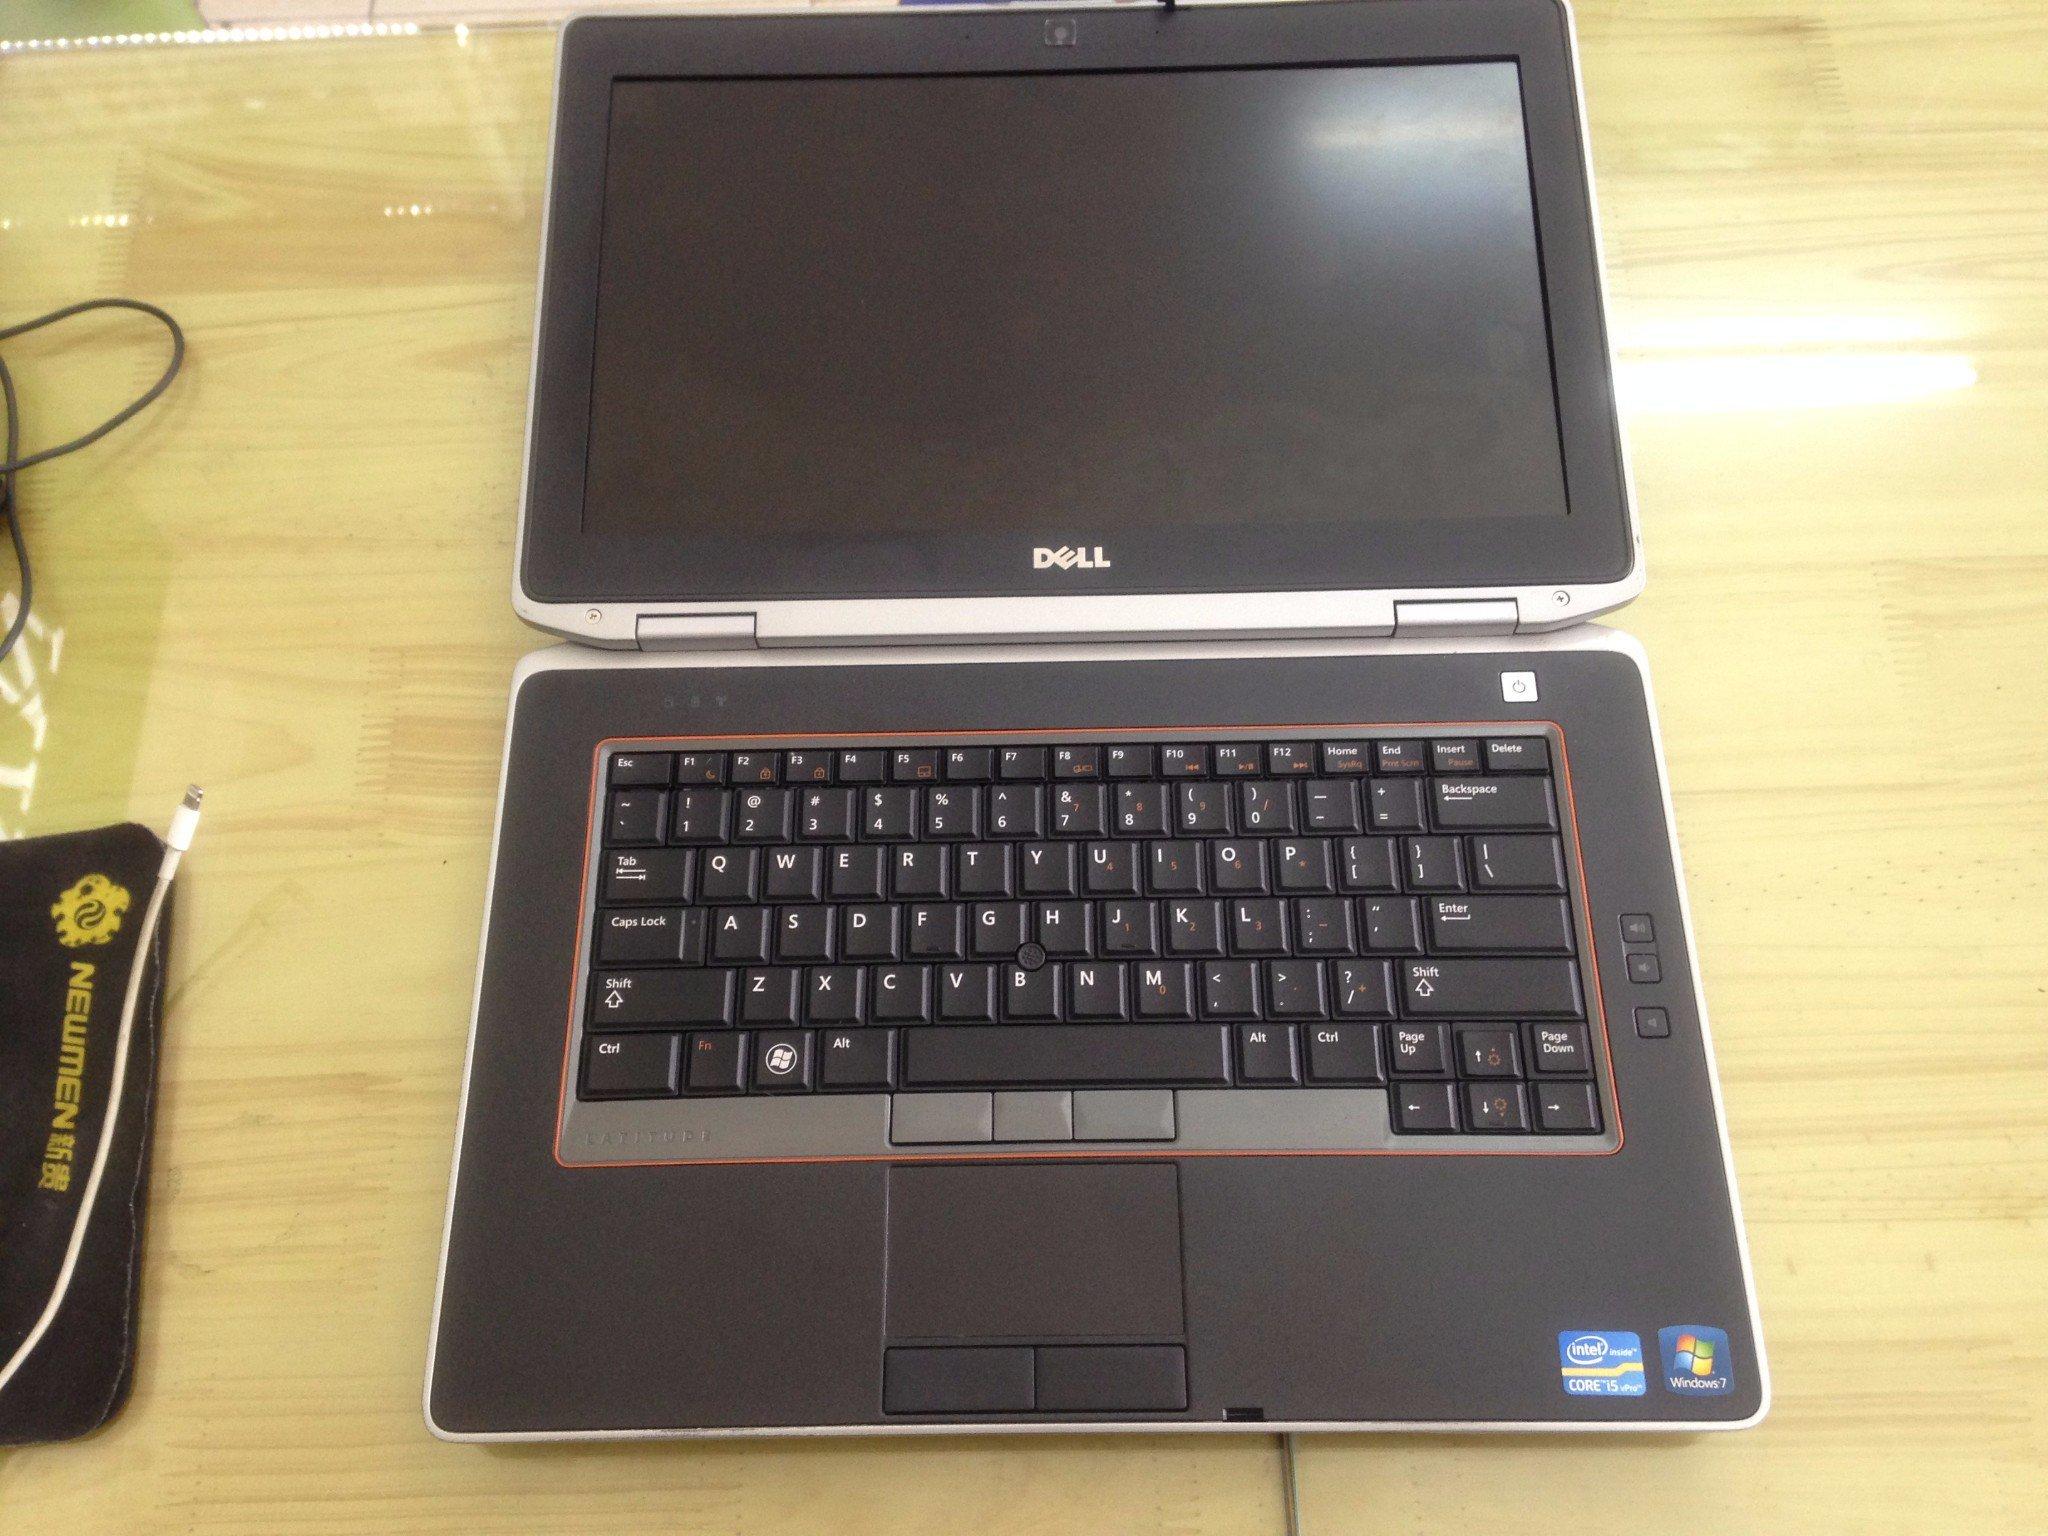 Đánh giá Dell Latitude E6420 - Laptop bình dân không có đối thủ